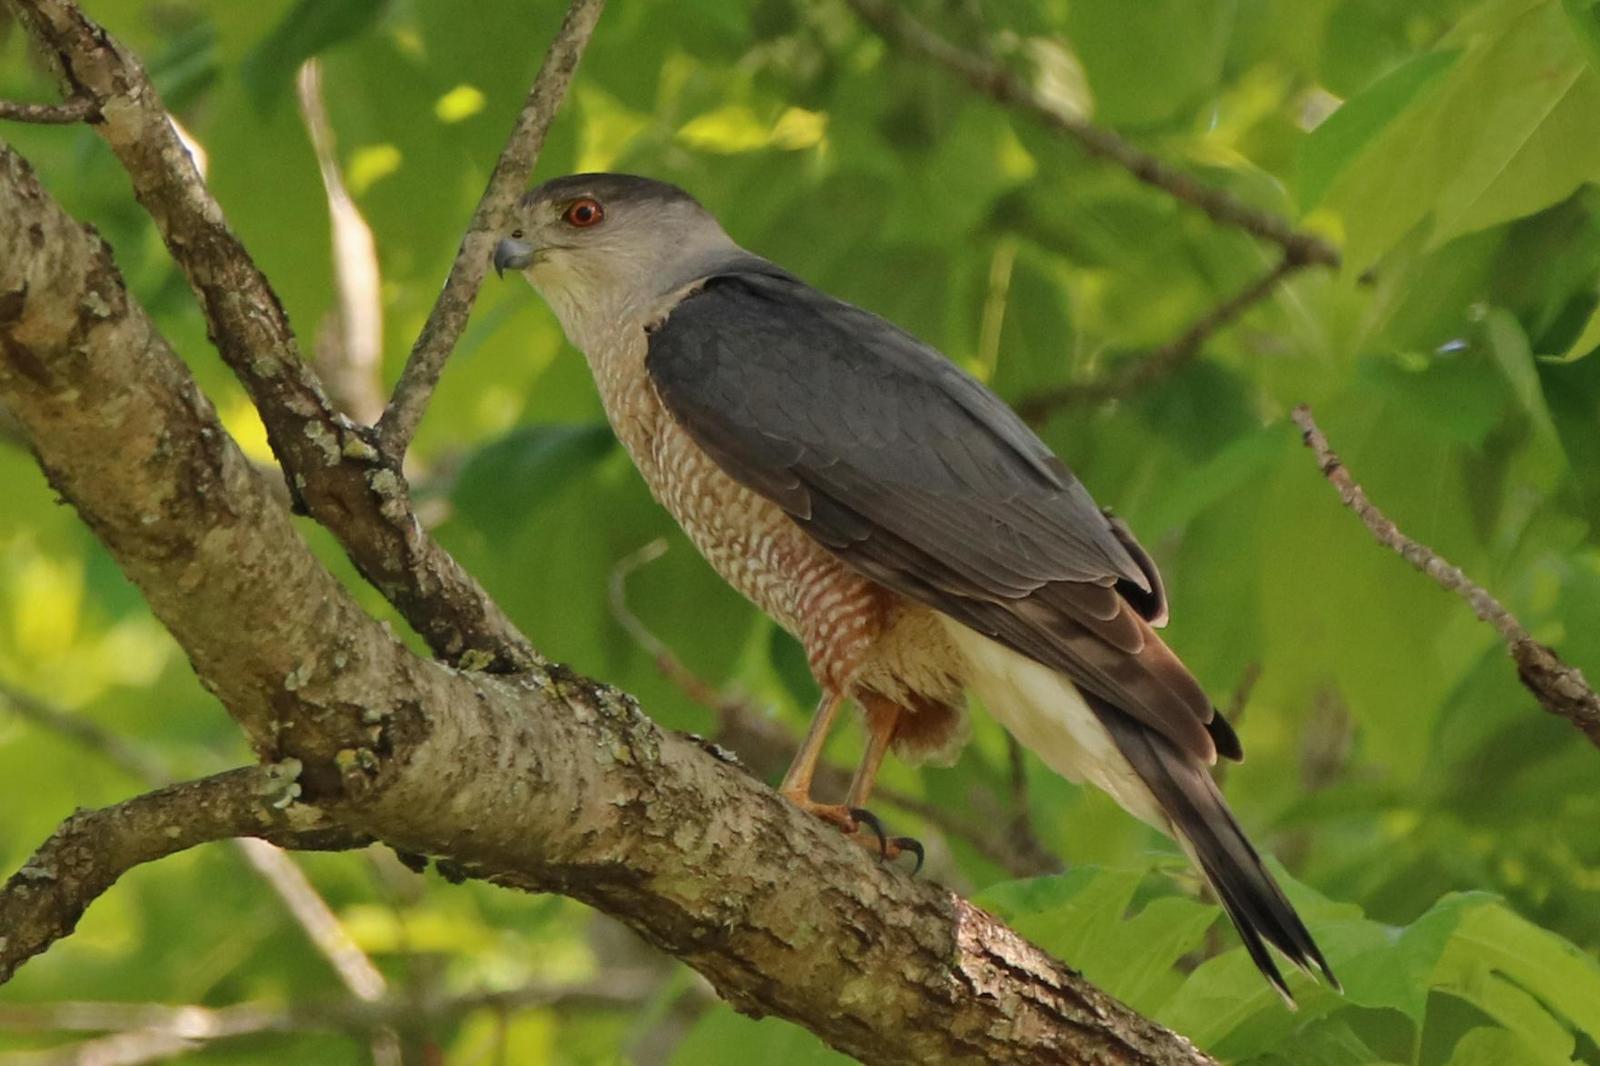 Cooper's Hawk Photo by Kristy Baker